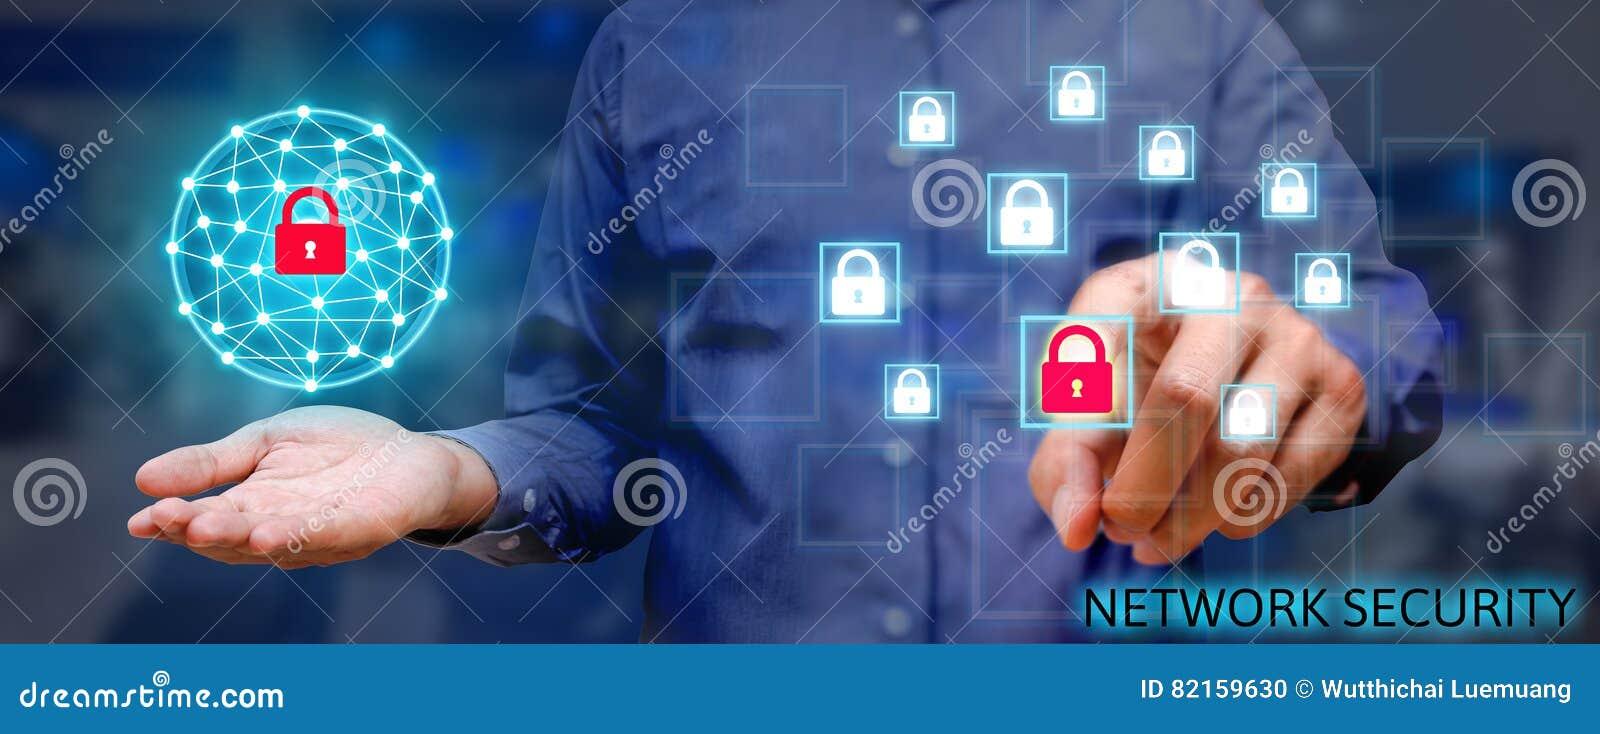 Концепция сети безопасностью кибер, молодой азиатский человек держа глобальный n